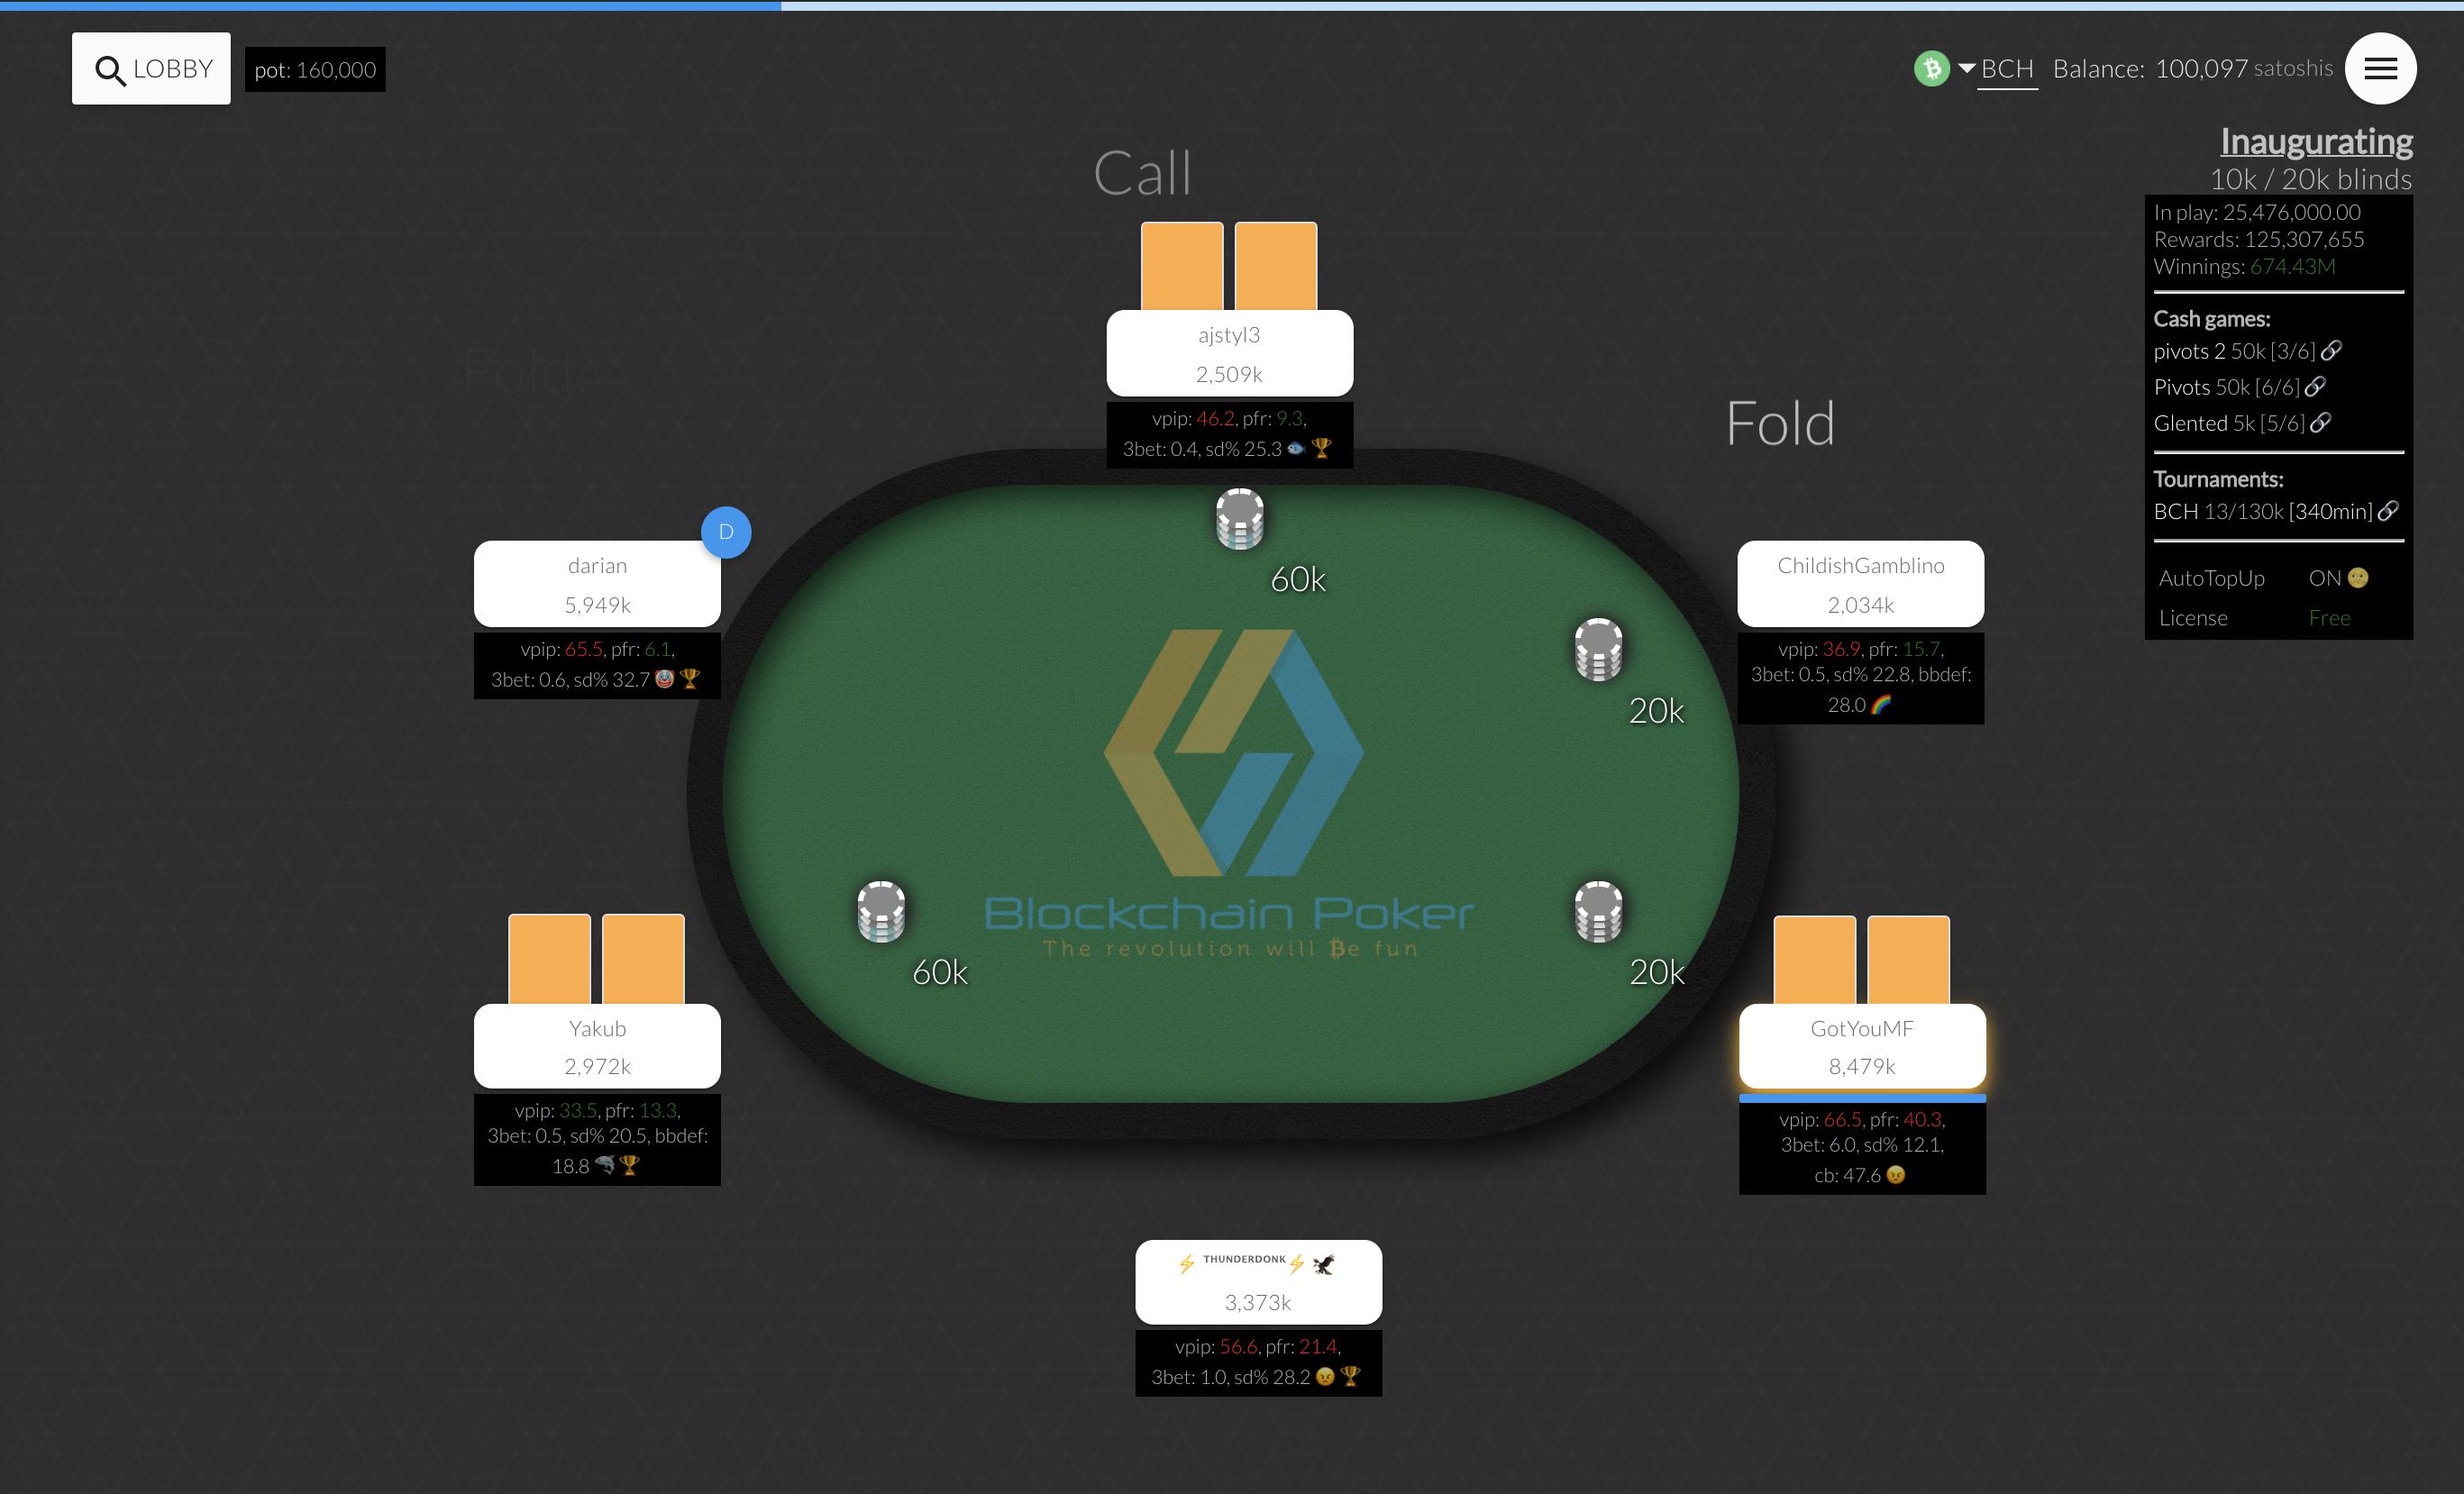 blockchain poker hud